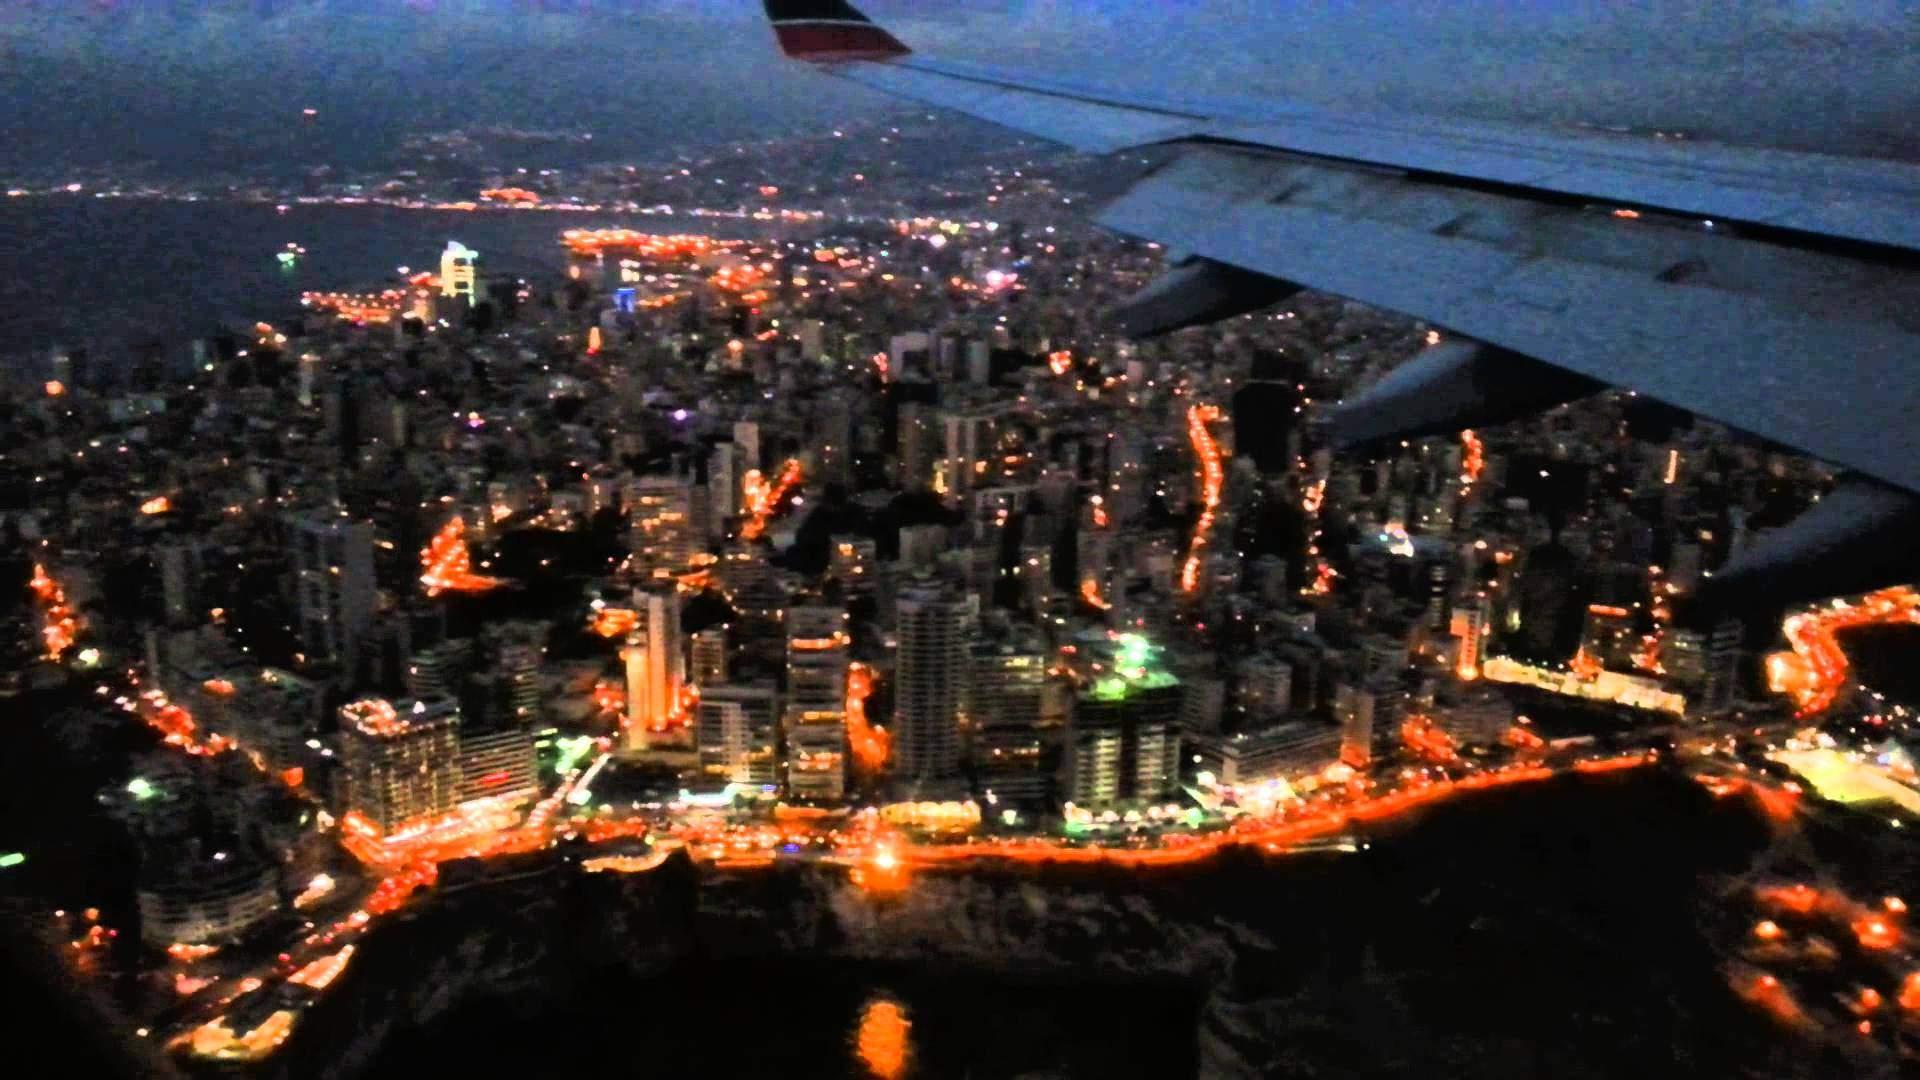 طائرة تعود الى المدرج الرئيسي في مطار بيروت قبل ثوان من اقلاعها وسيارات الاسعاف بإنتظارها